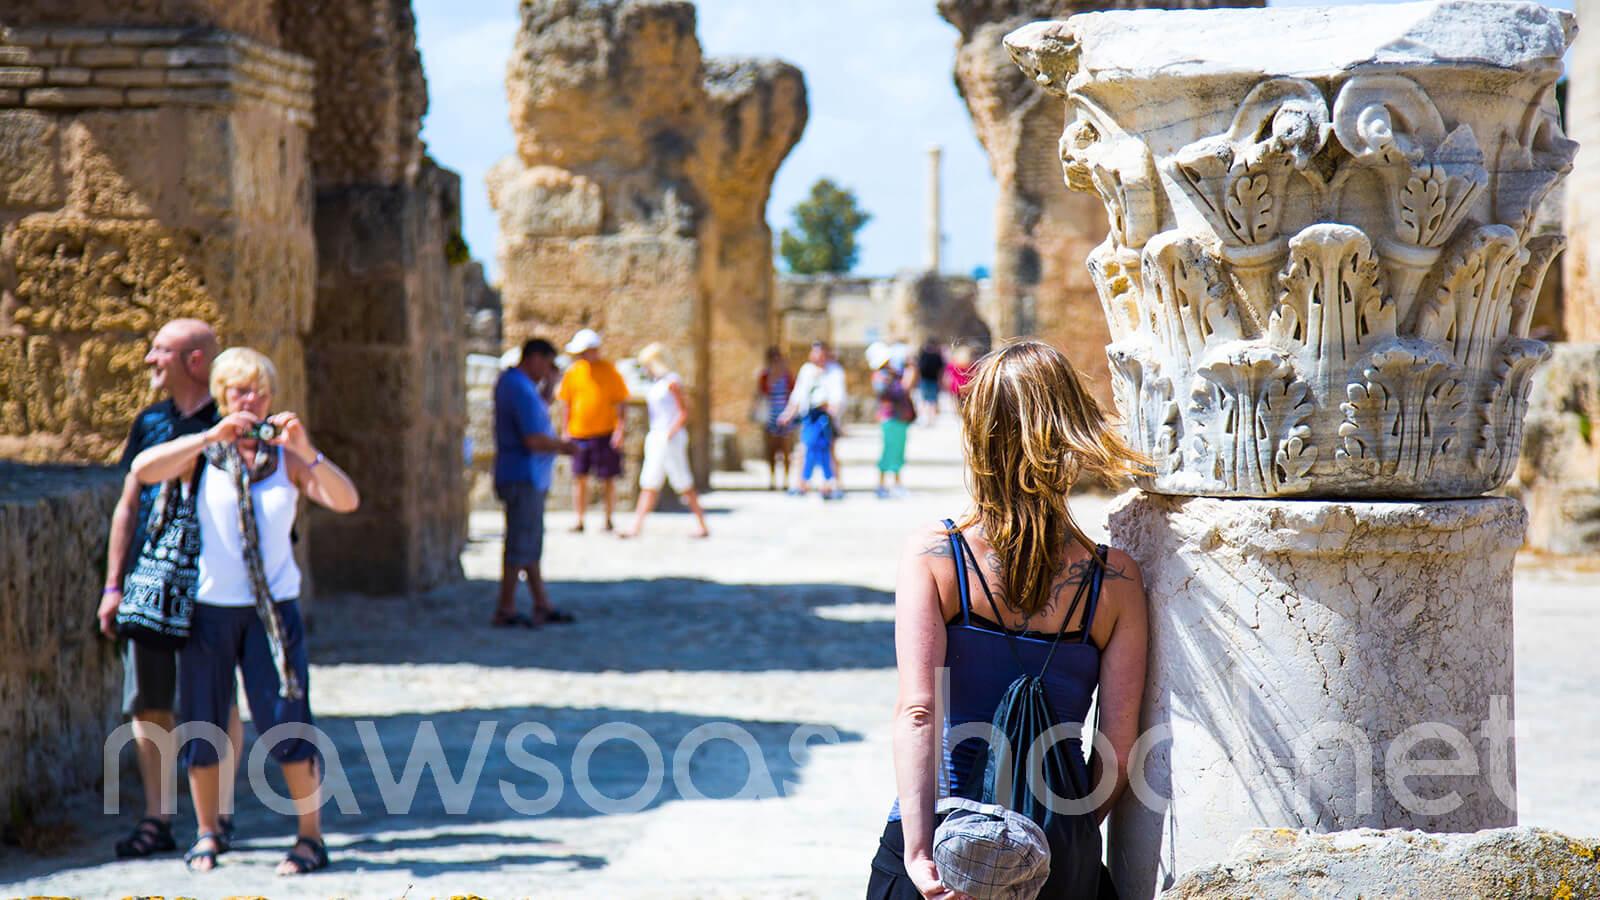 الأنشطة الخدمية بالبلاد التونسية – جغرافيا - الثالثة آداب واقتصاد وتصرف